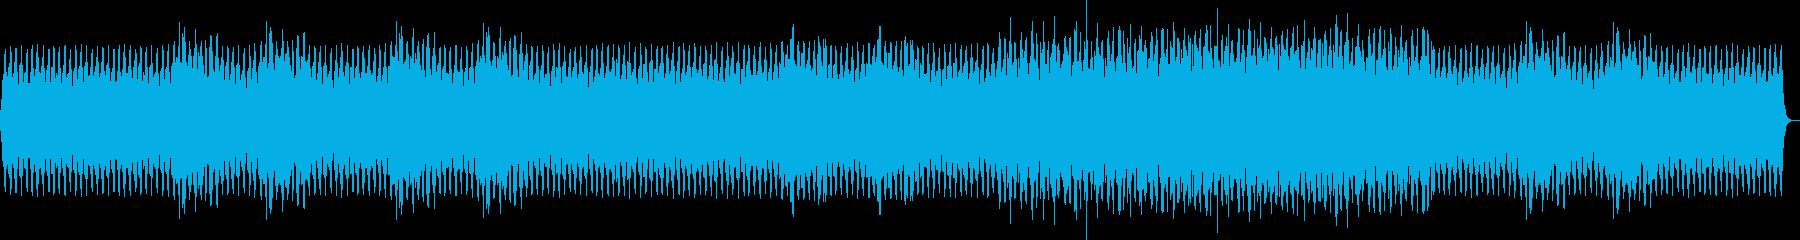 シュールで奇妙な短調メロディの再生済みの波形